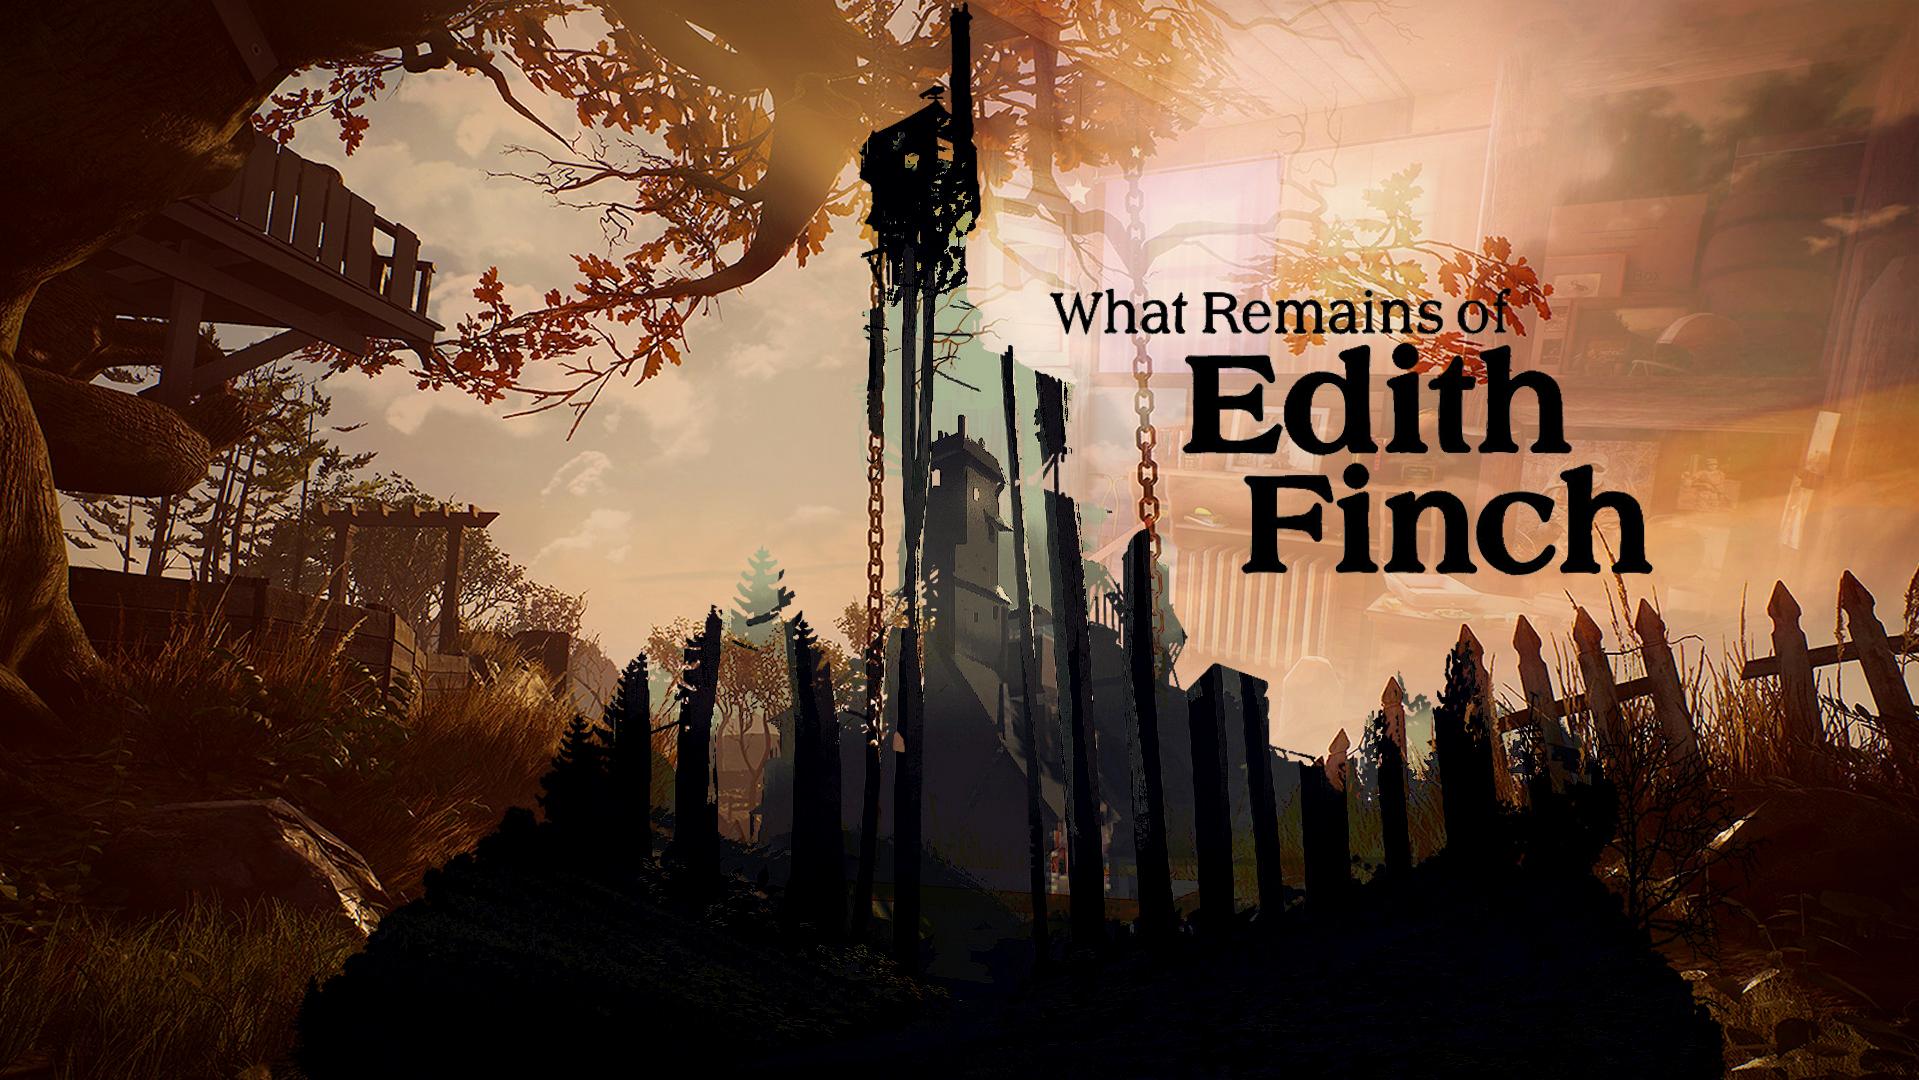 عشق؛ بزرگترین میراث وات ریمینز آو ادیث فینچ (What Remains of Edith Finch)